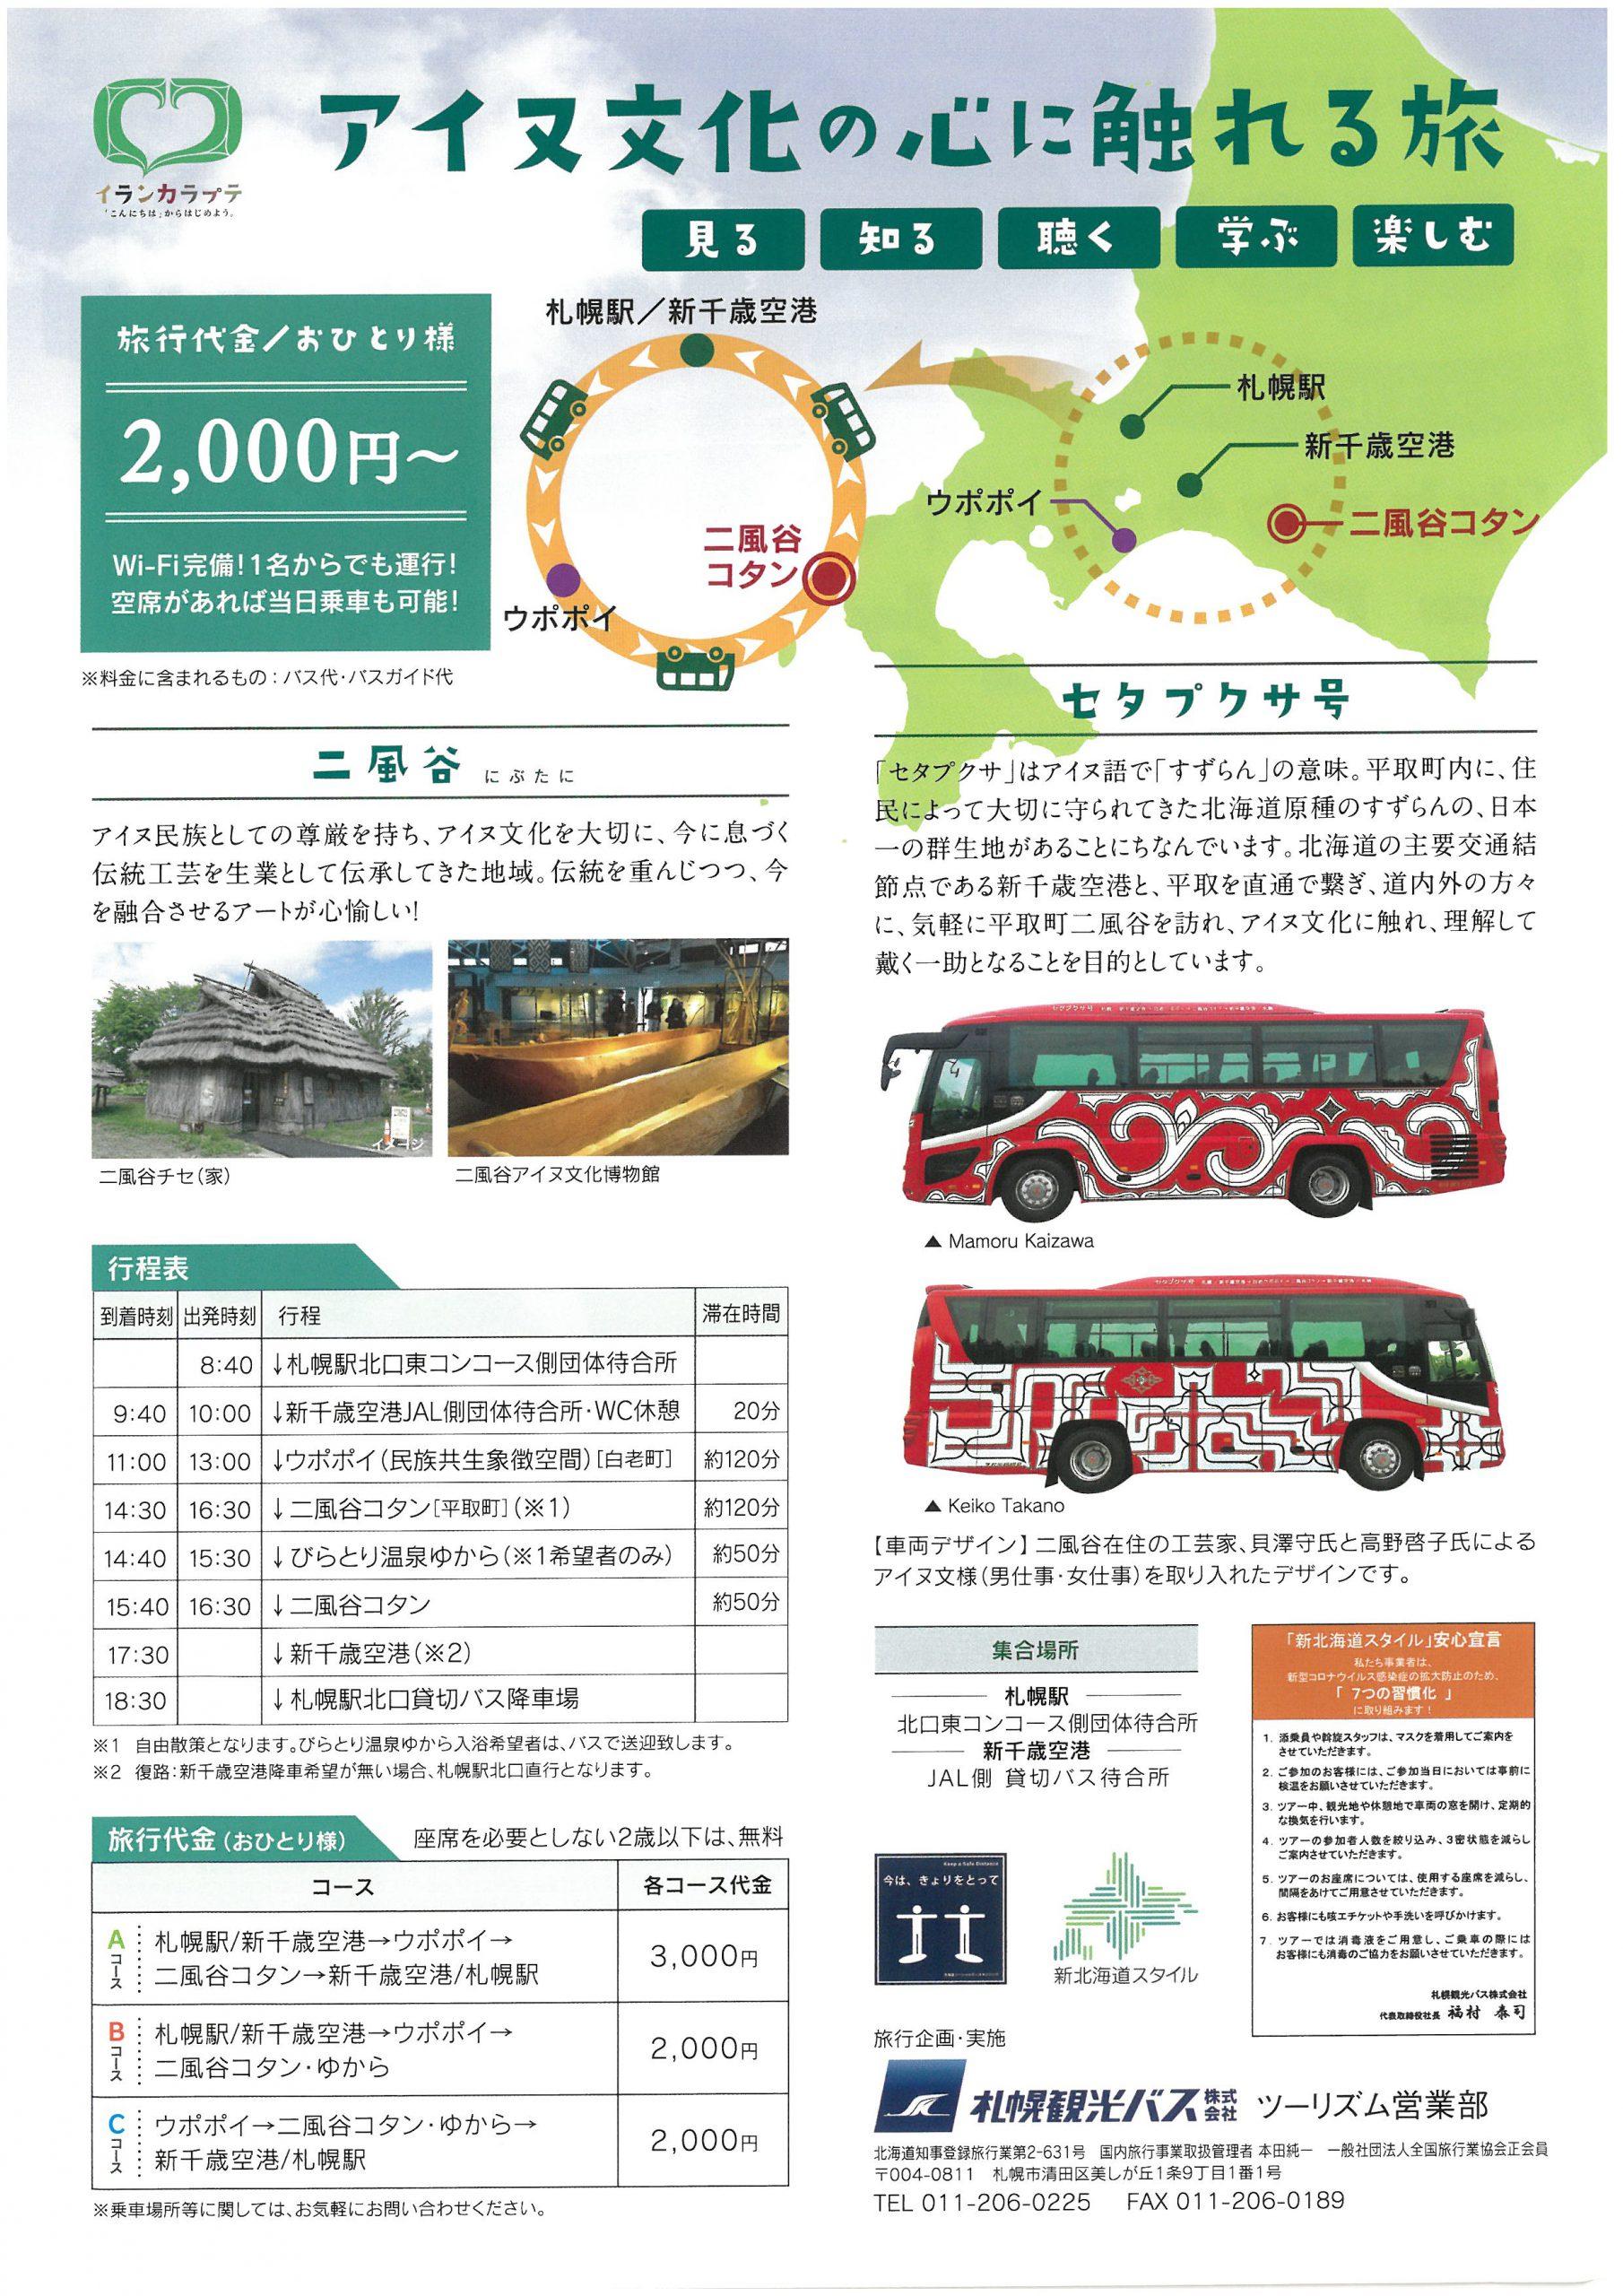 【期間限定】「セタプクサ号」で行く二風谷コタン(平取町)ウポポイ(白老町)を巡る旅!